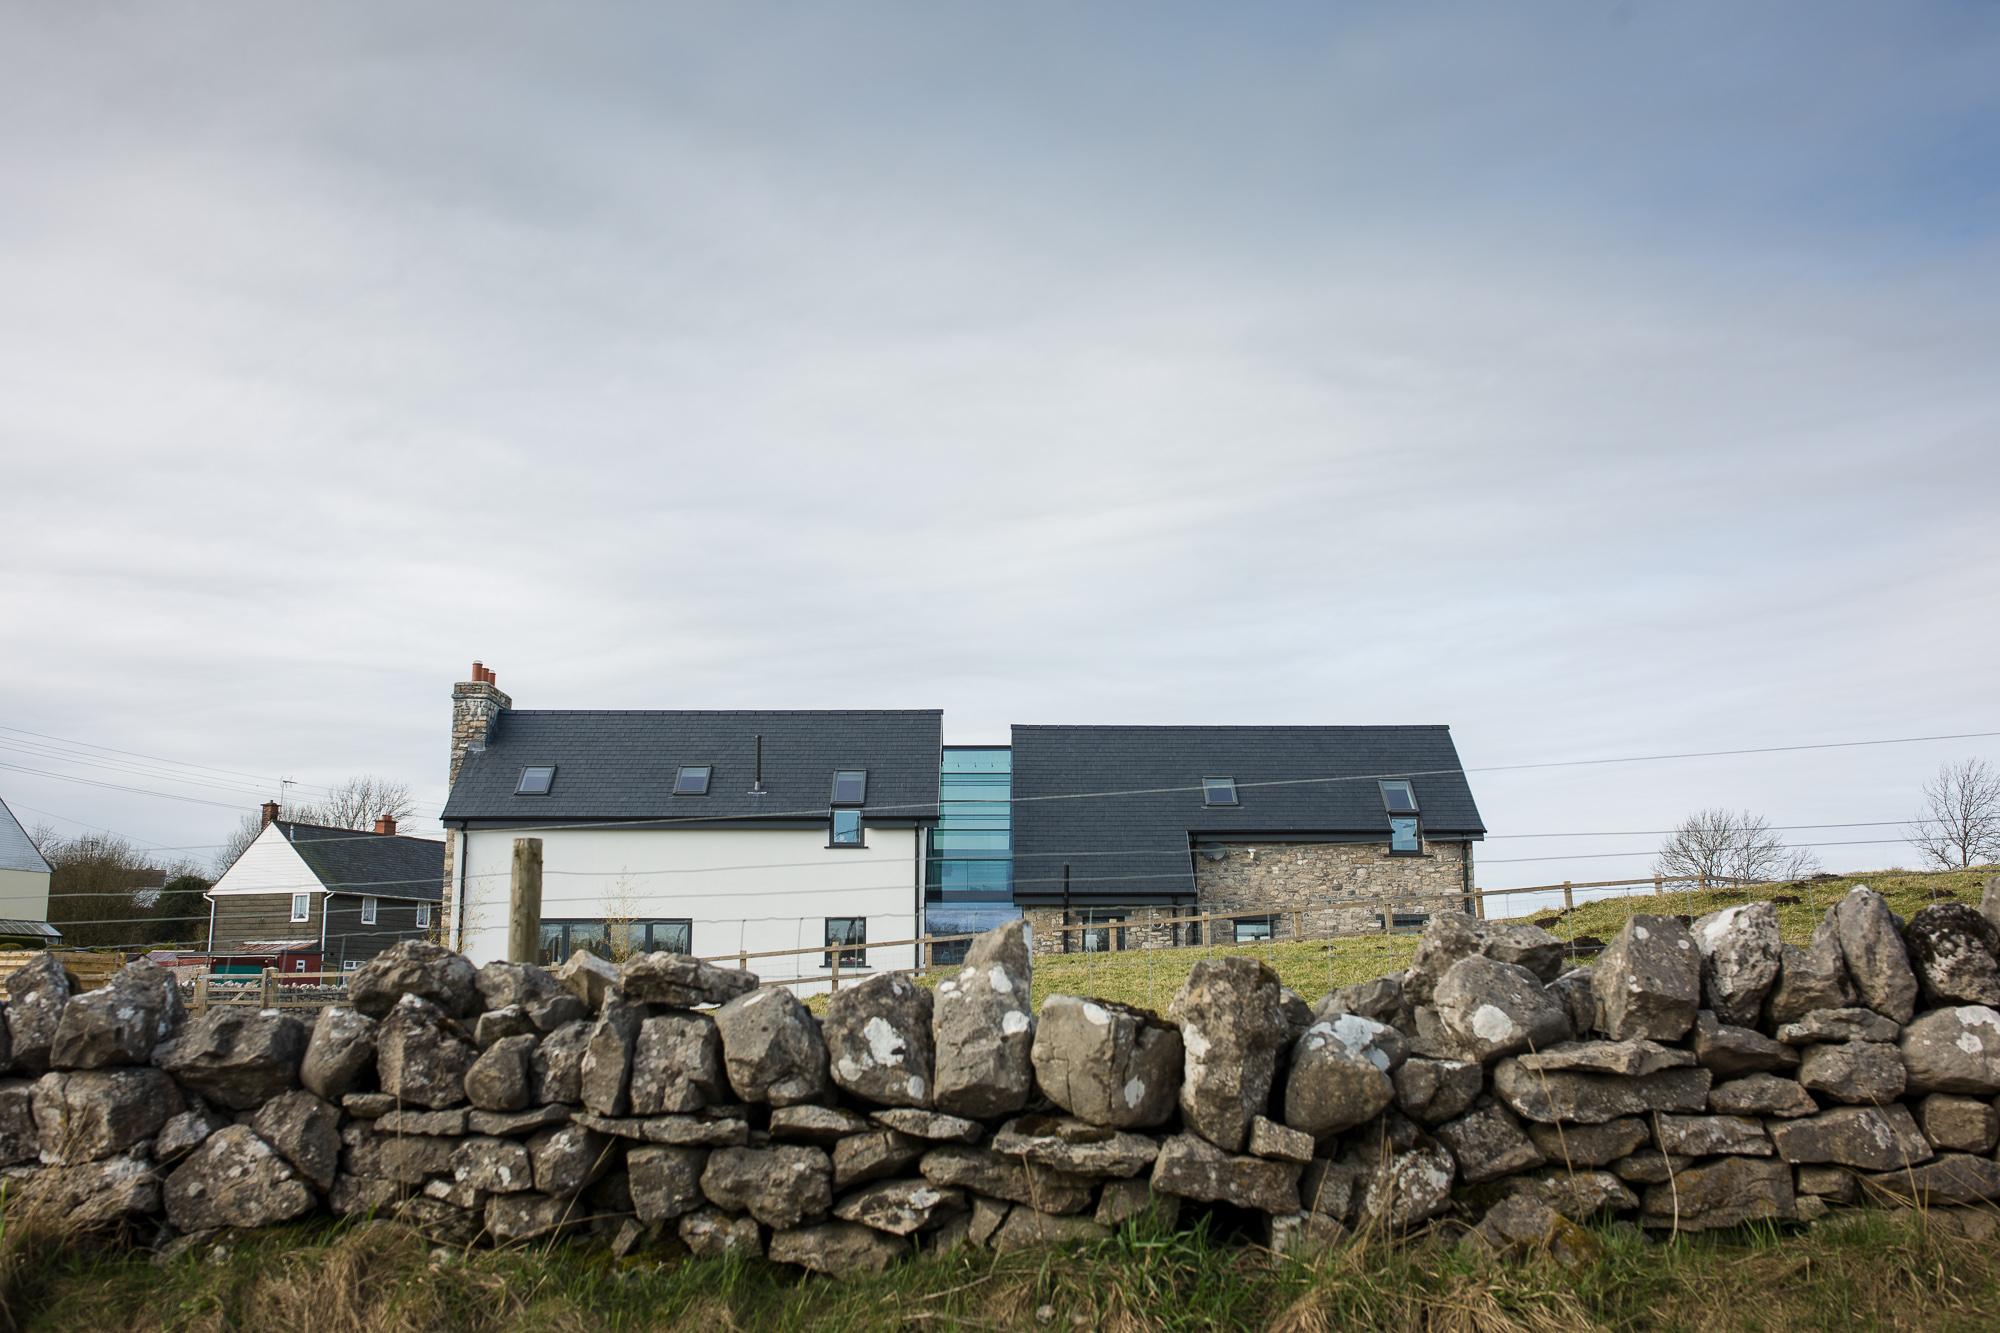 Canol-Y-Cae_D2_Architects_tom_biddle_photography_tb0057.jpg